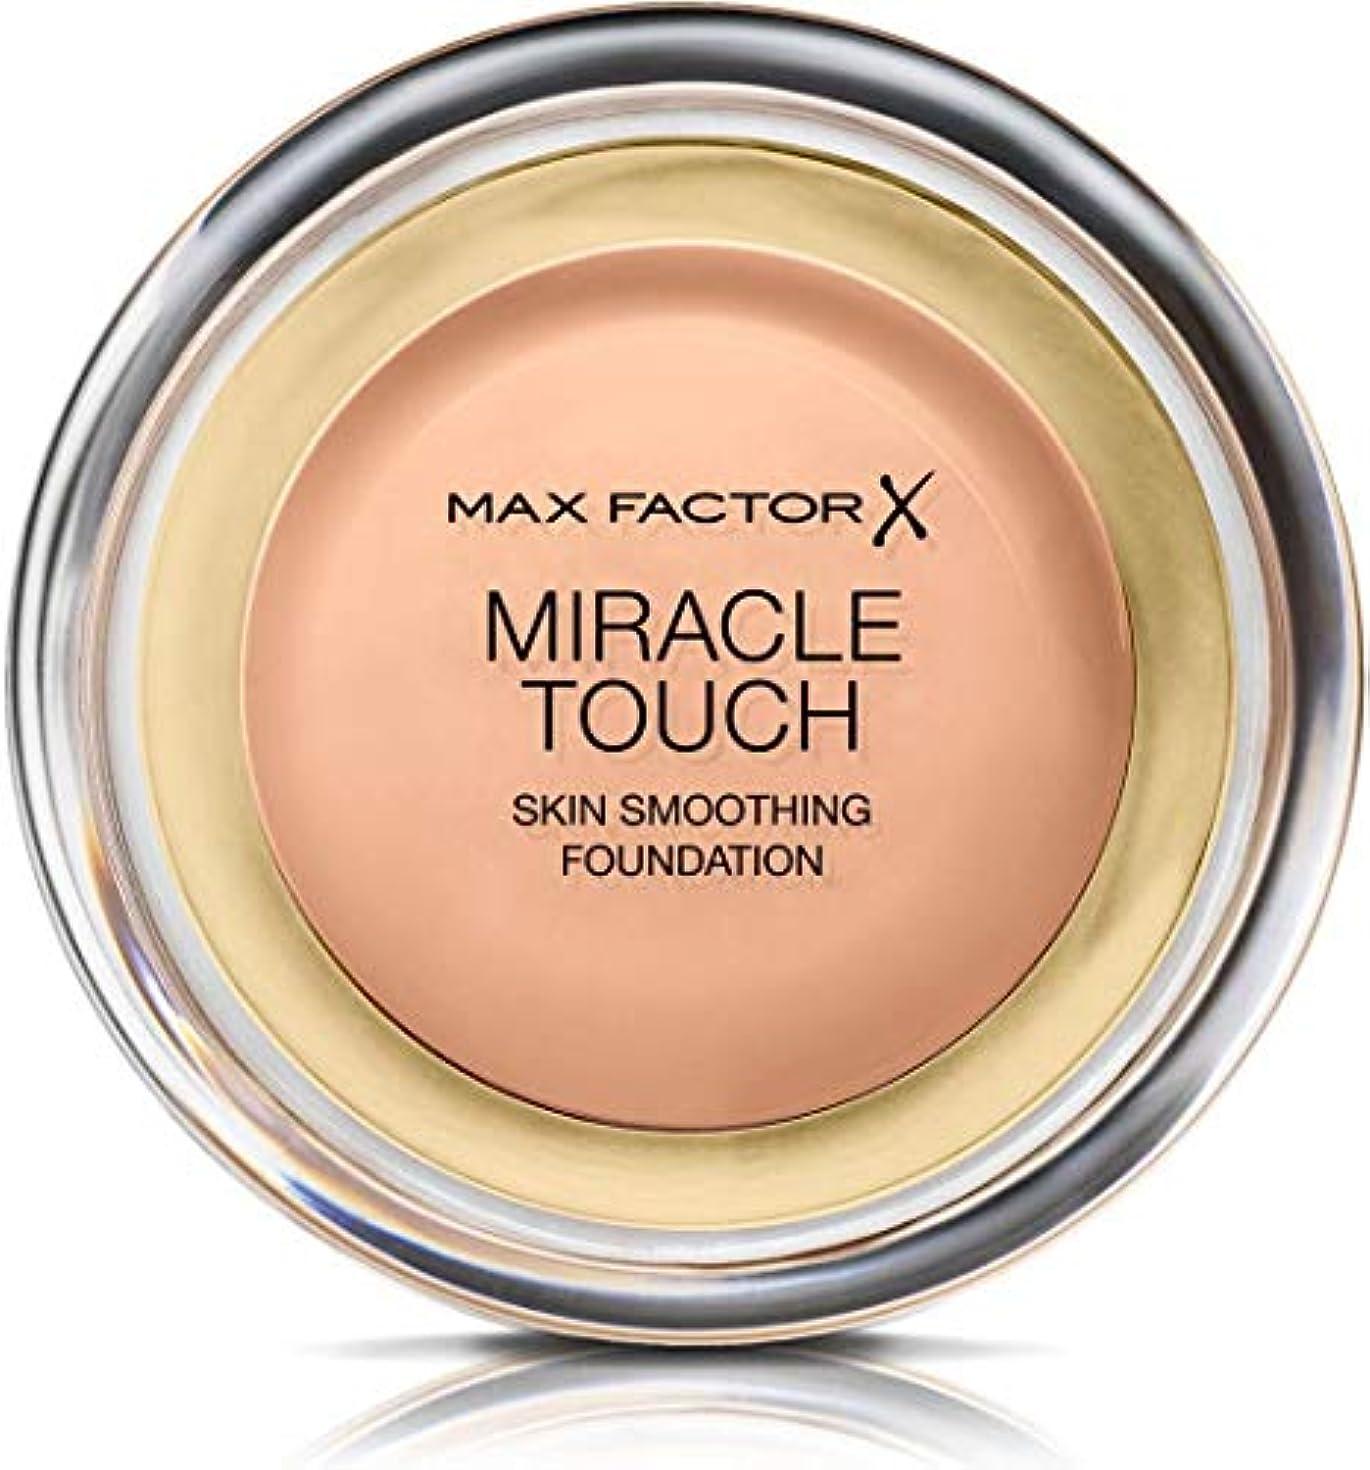 兄不公平ハウスマックス ファクター ミラクル タッチ スキン スムーズ ファウンデーション - ローズ ベージュ Max Factor Miracle Touch Skin Smoothing Foundation - Rose Beige...